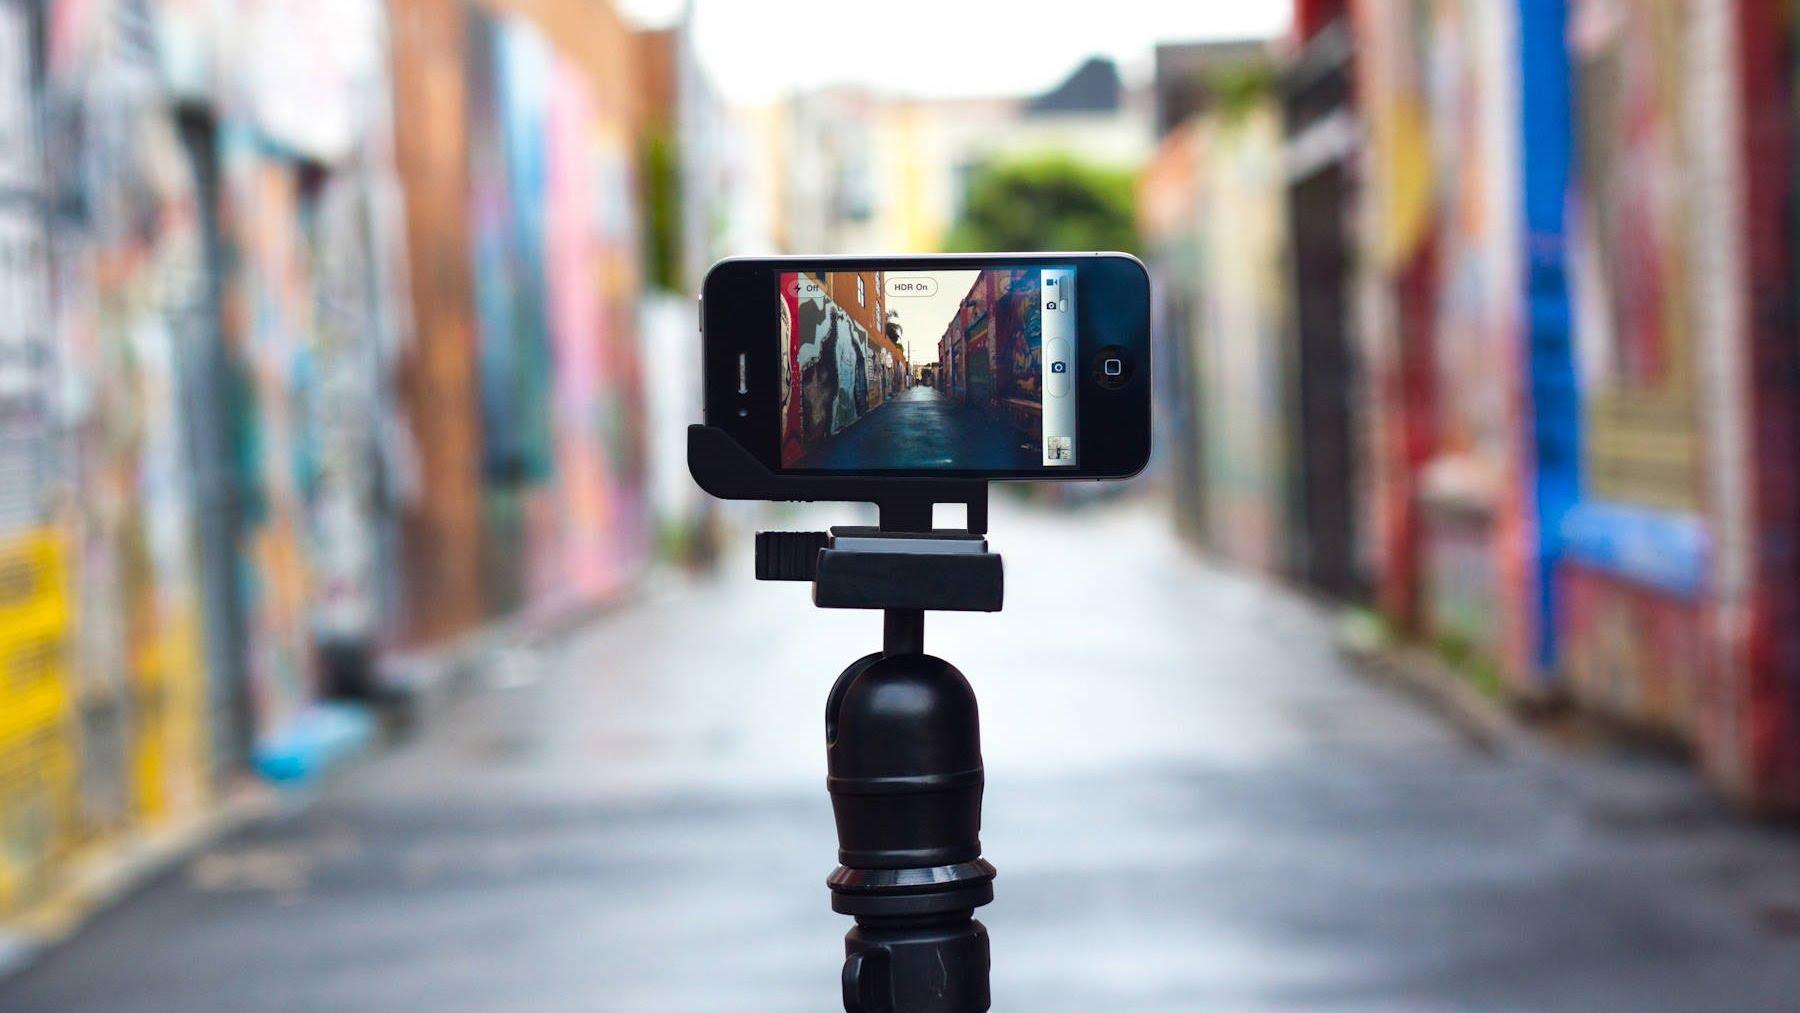 Smartfilms 2017: el festival colombiano de cine hecho con celulares ya tiene las convocatorias abiertas